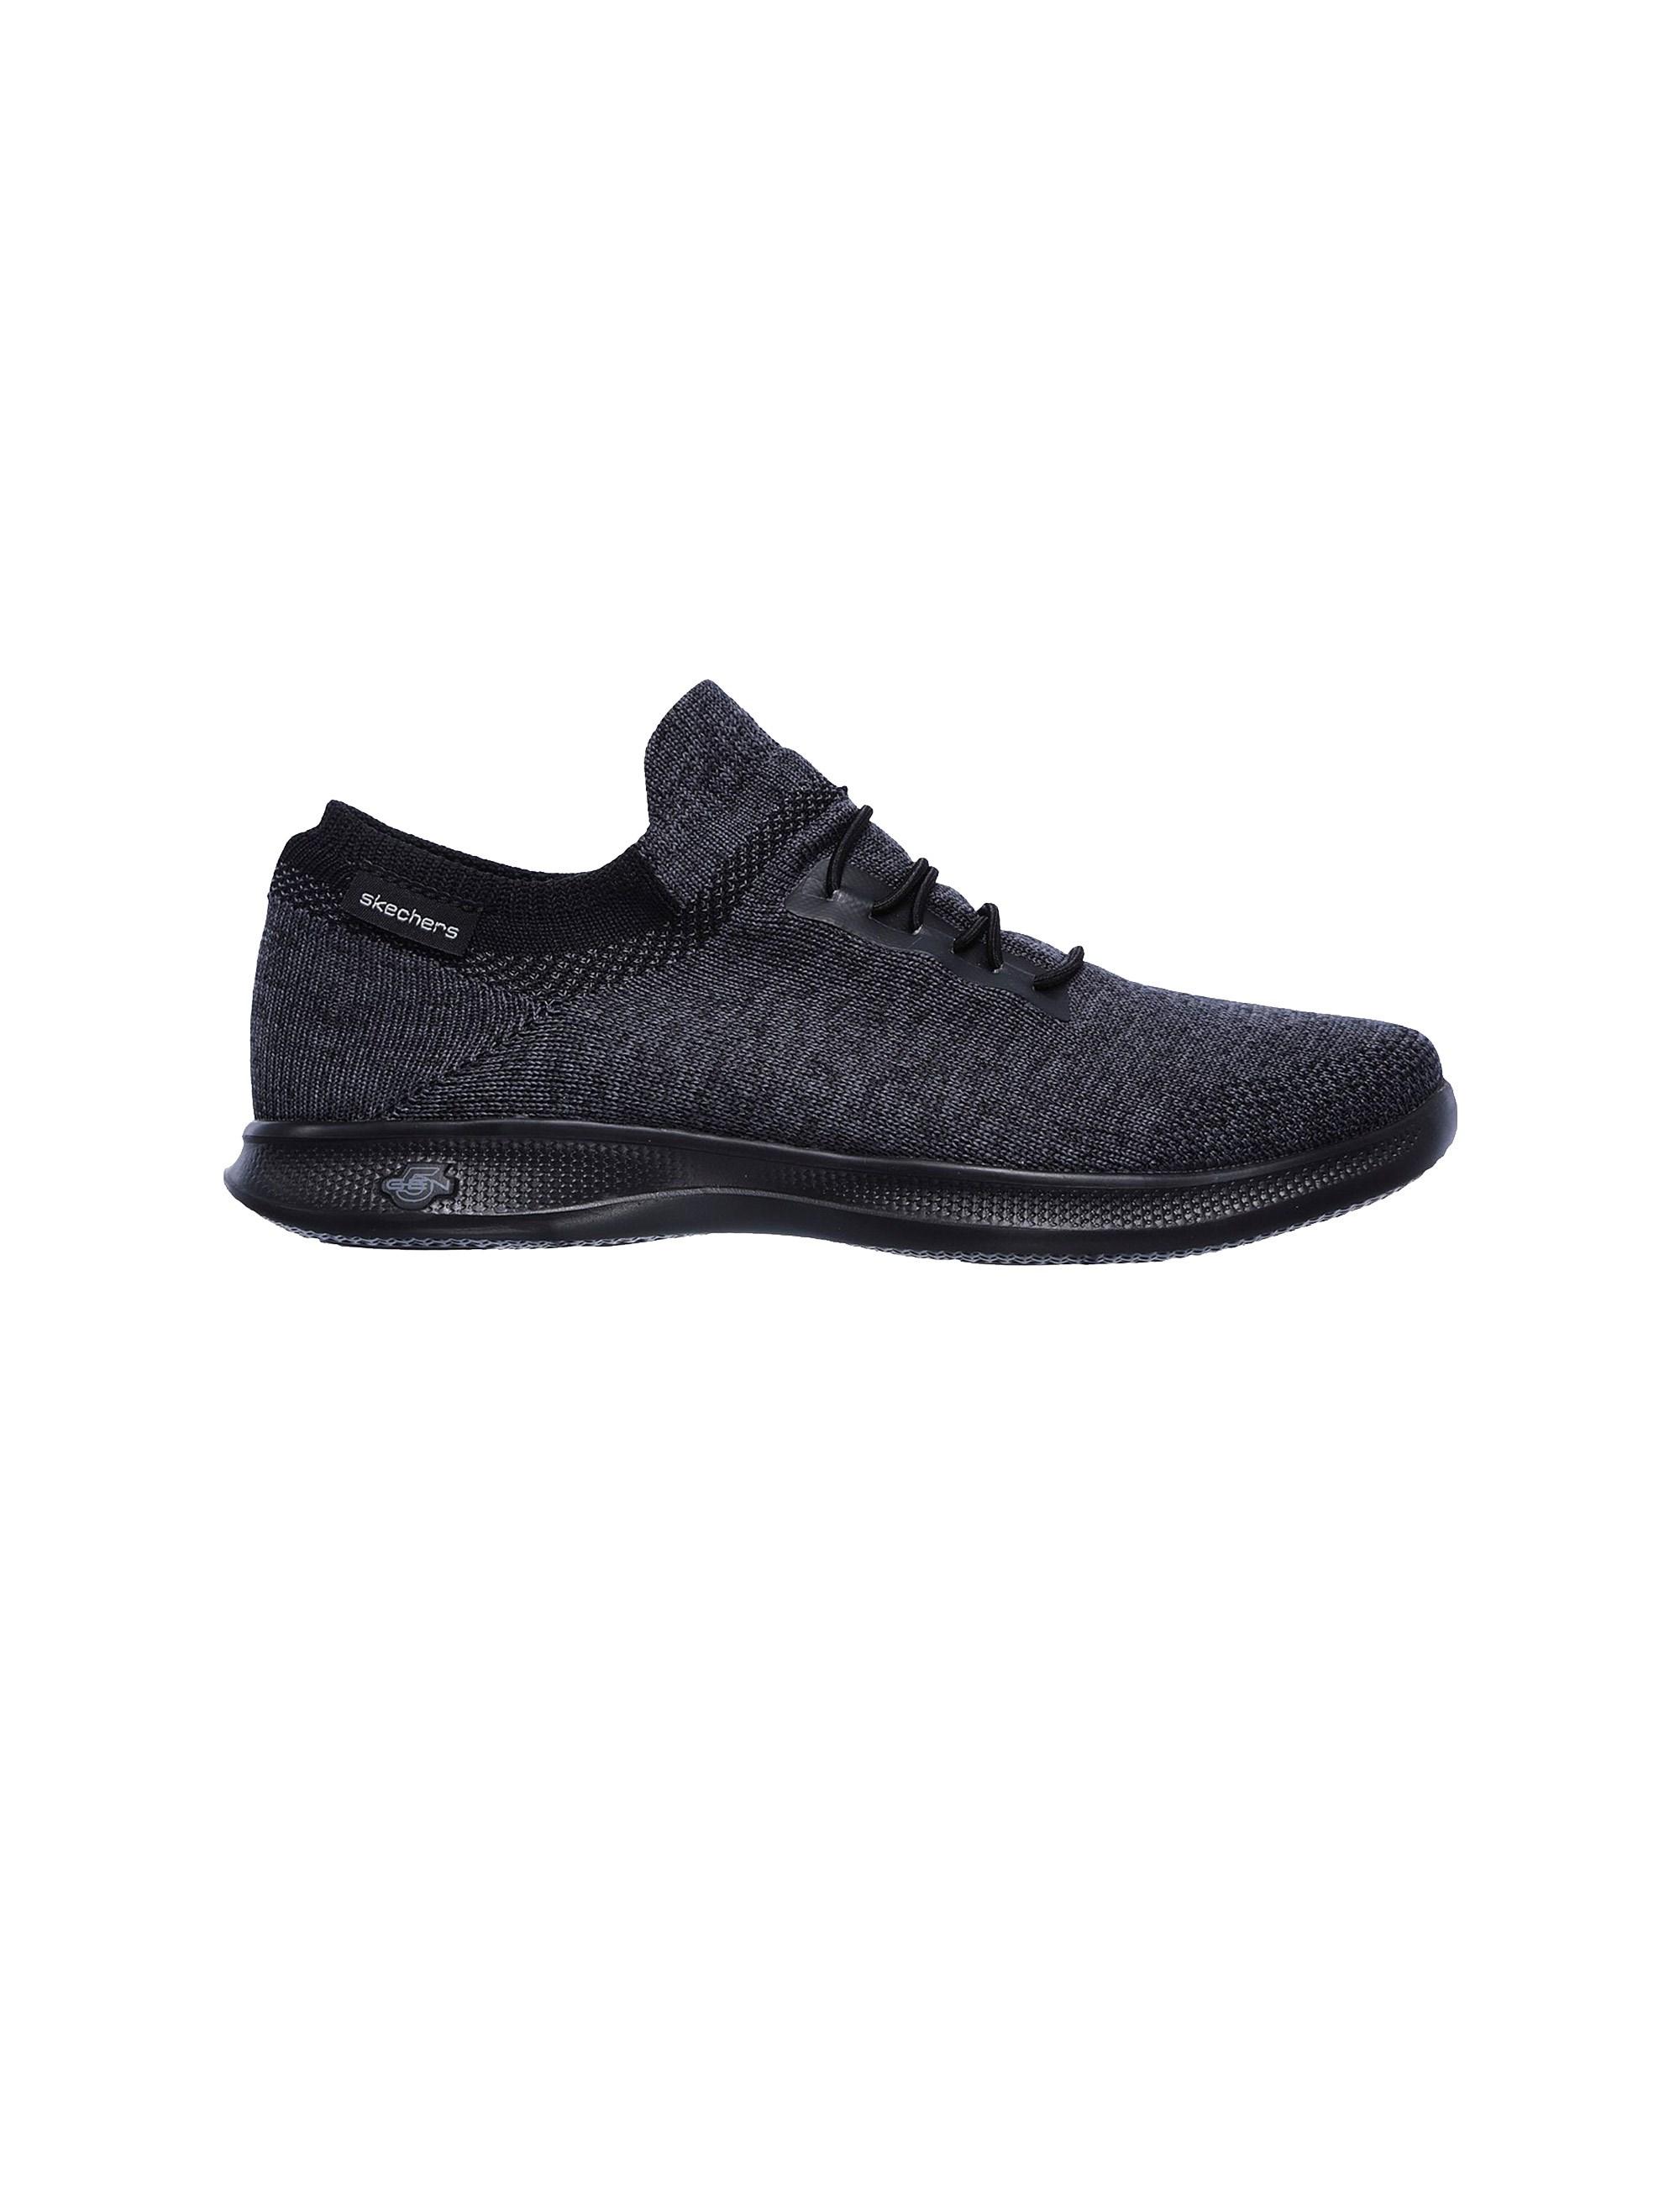 خرید کفش پیاده روی بندی زنانه GO STEP Lite Effortless – اسکچرز